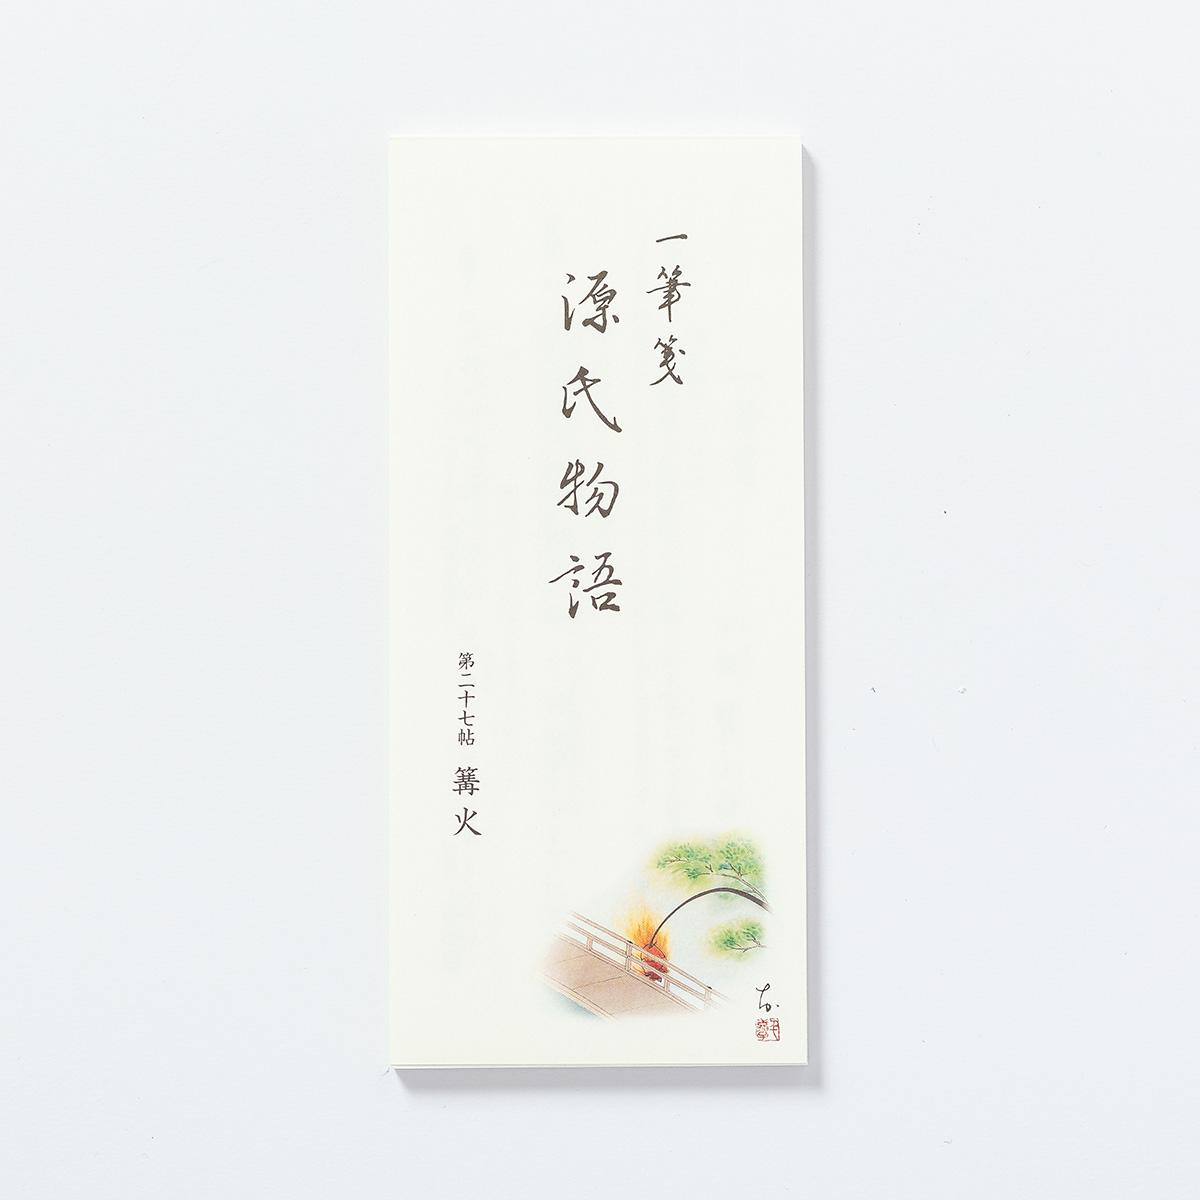 源氏物語一筆箋 第27帖「篝火」